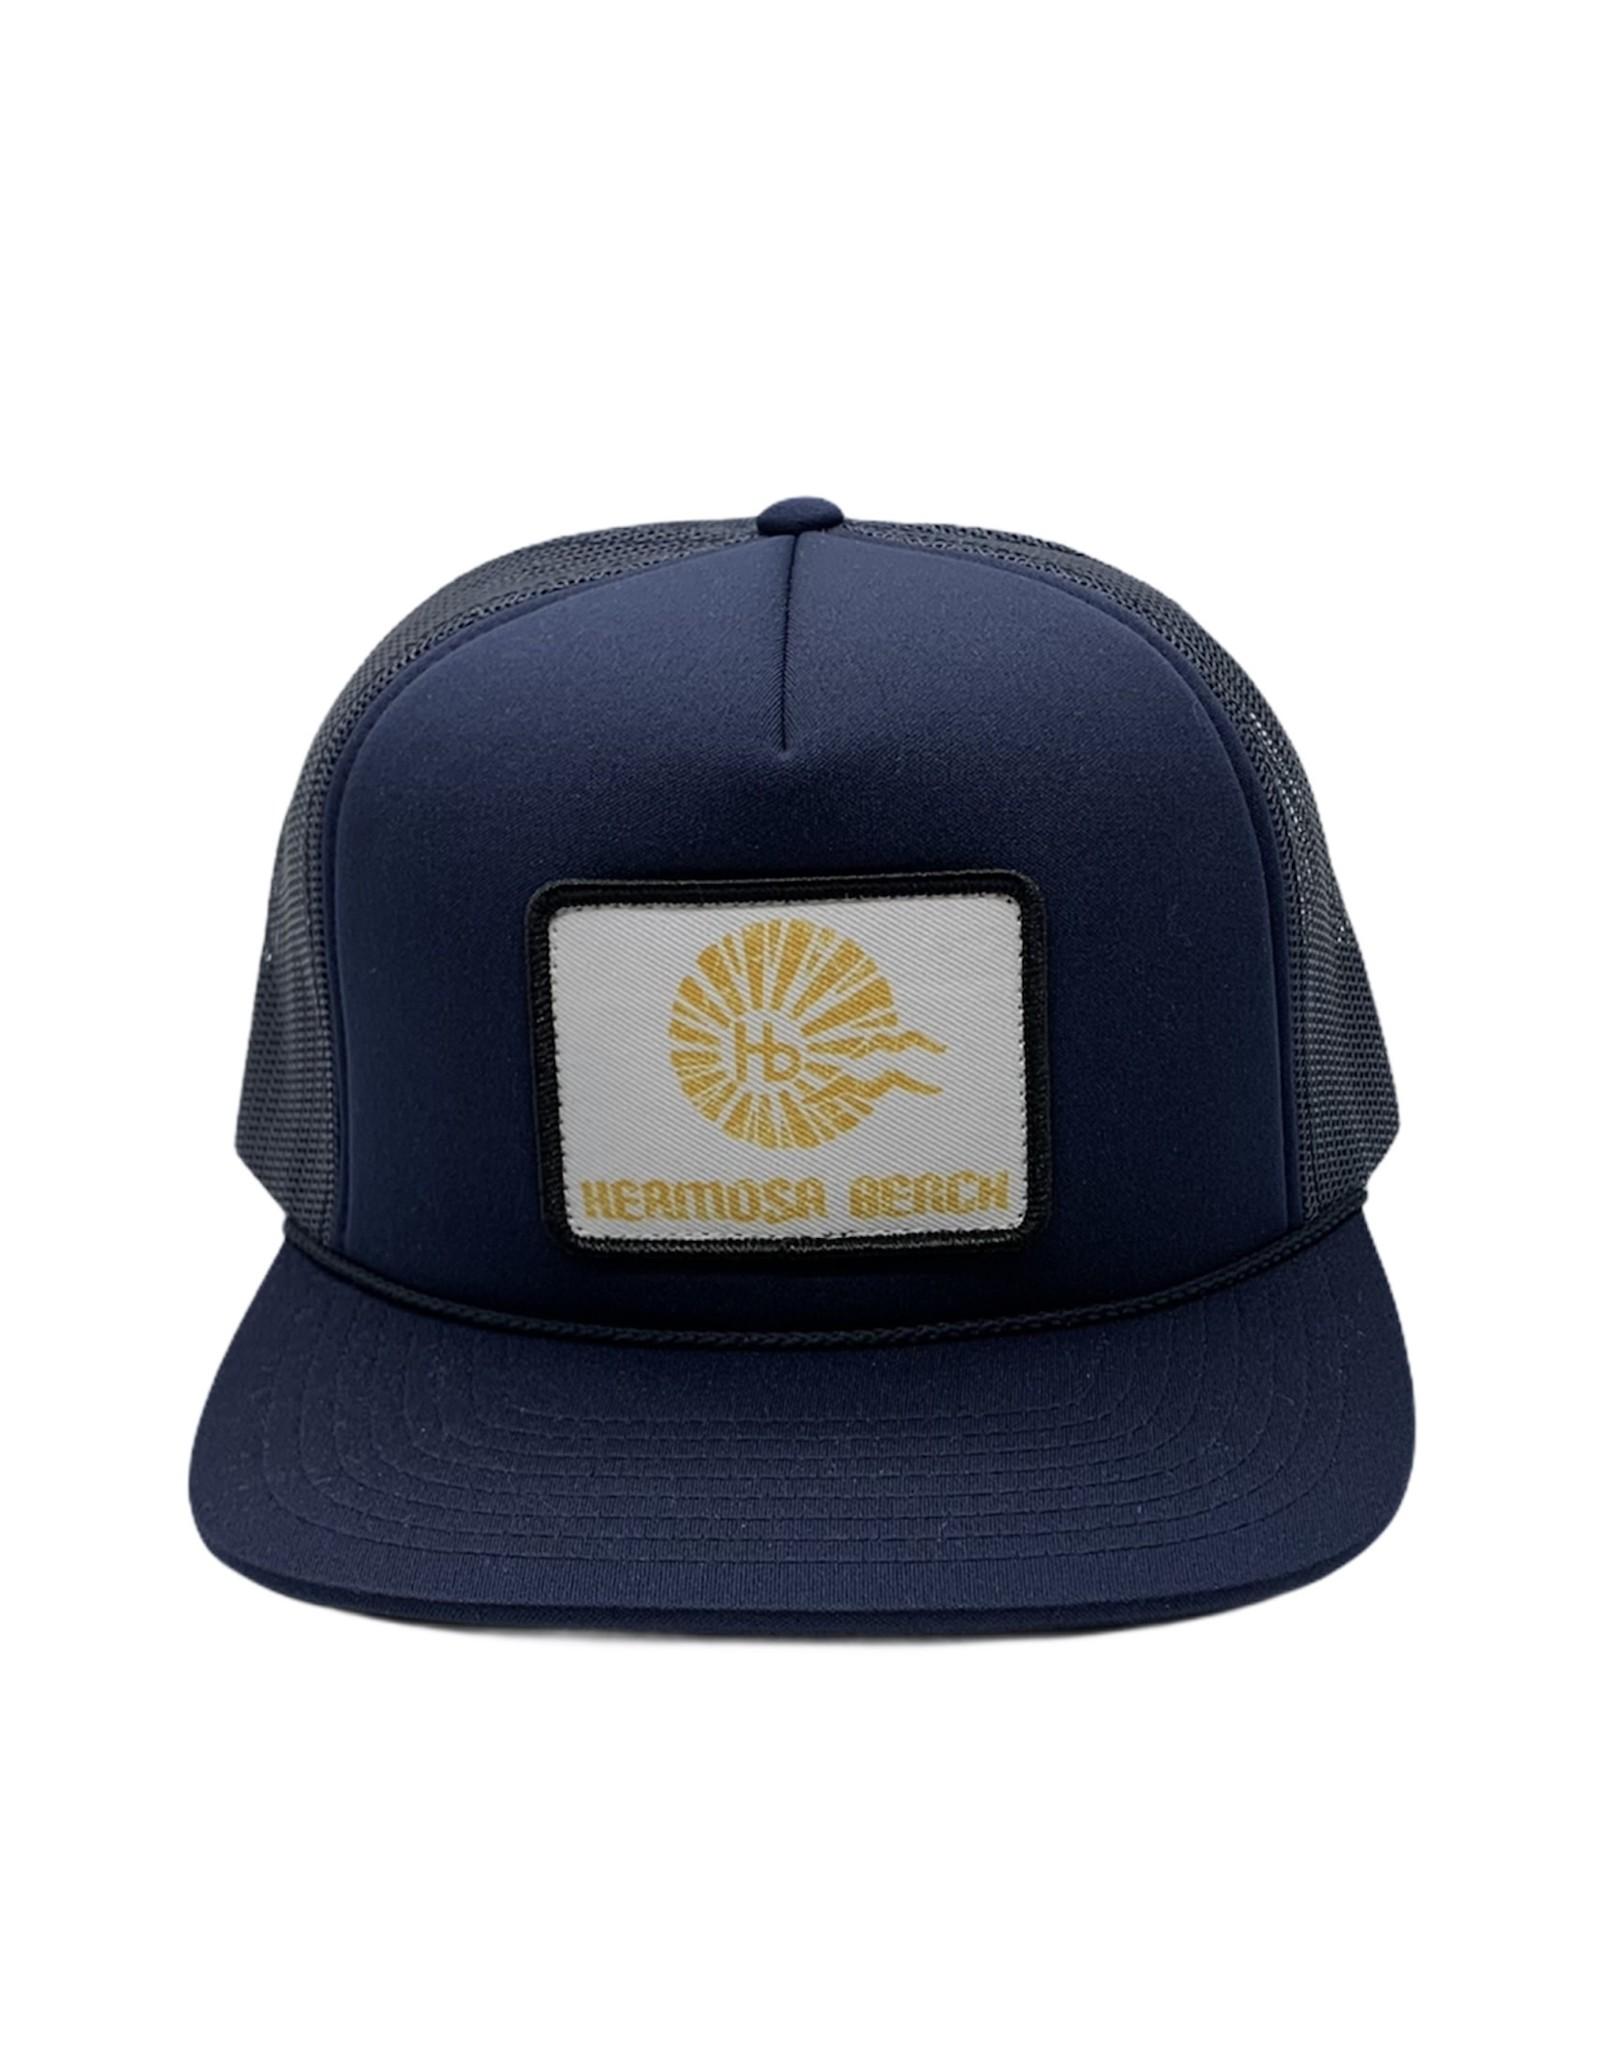 Captuer Headwear #D HB Sunrise Patch FOAM Hat red